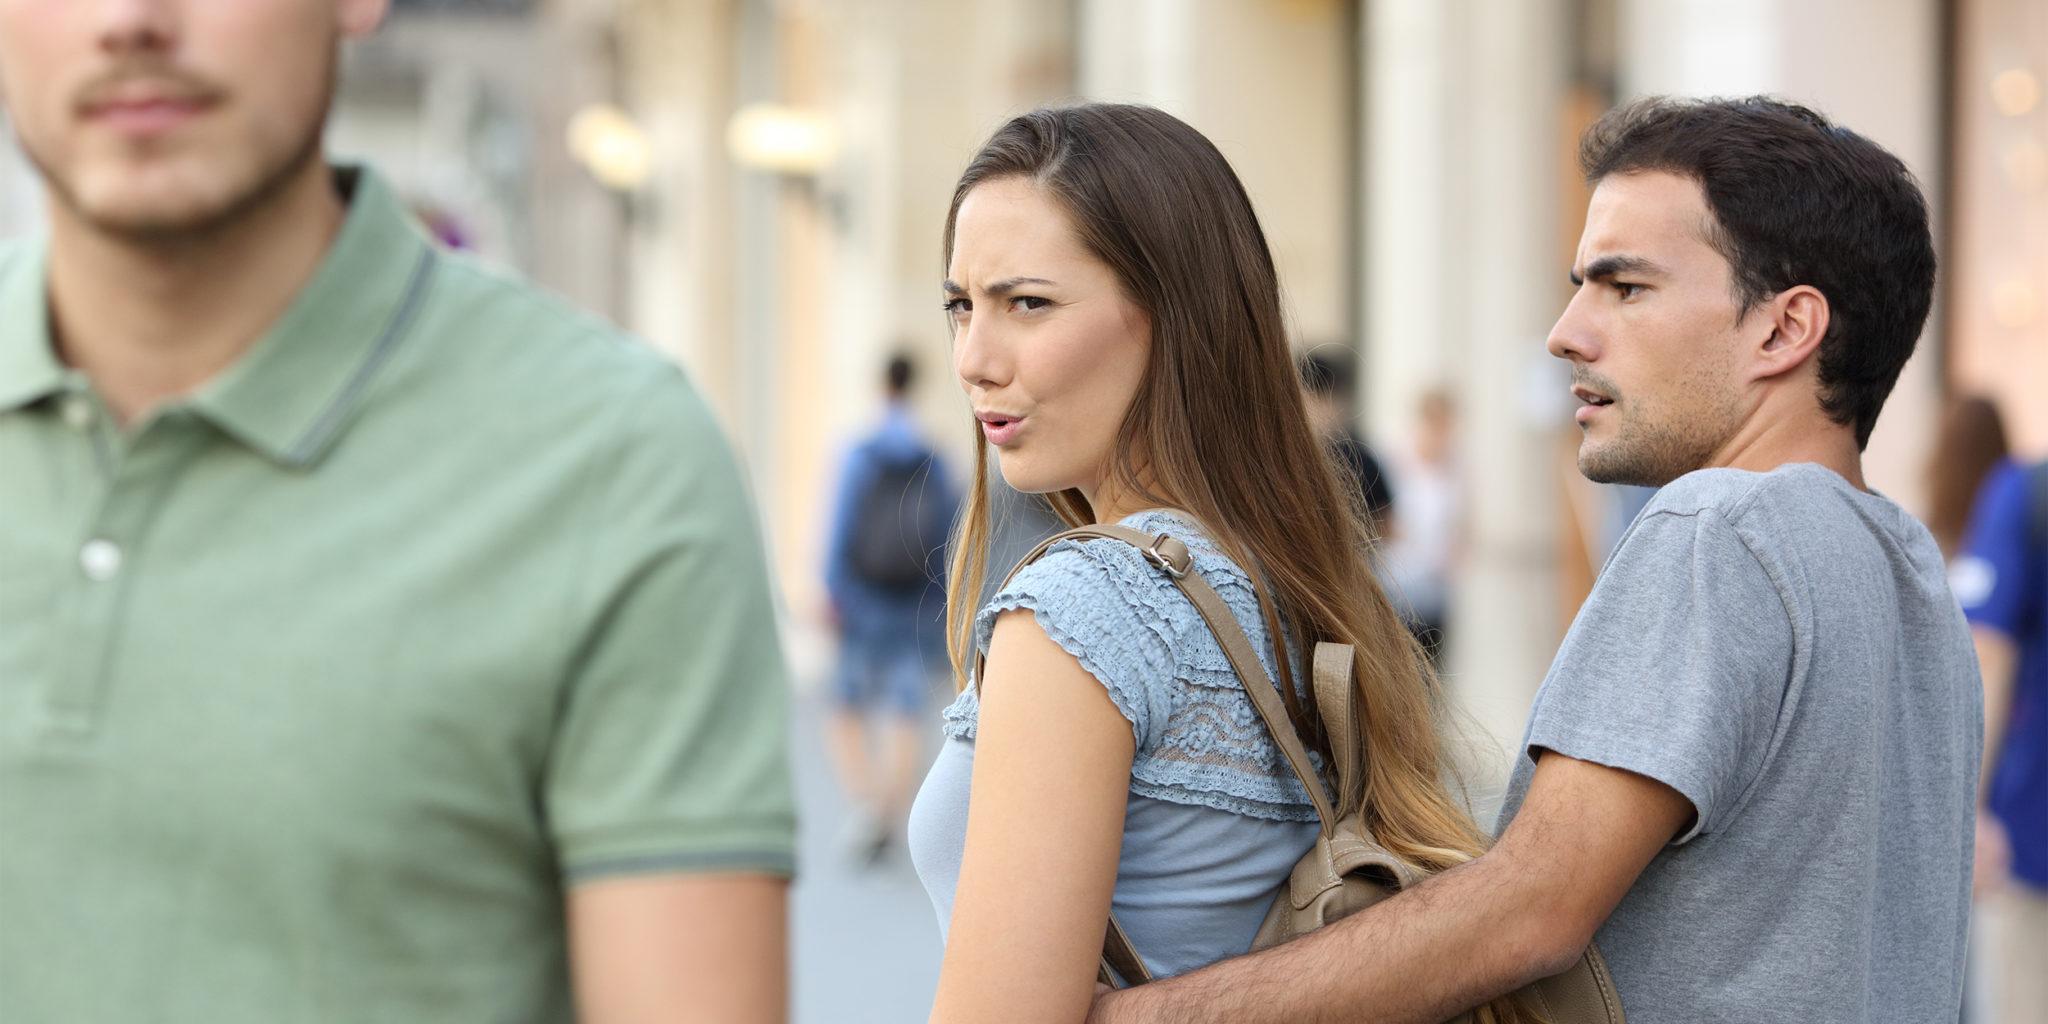 Deal with girlfriend ex boyfriend